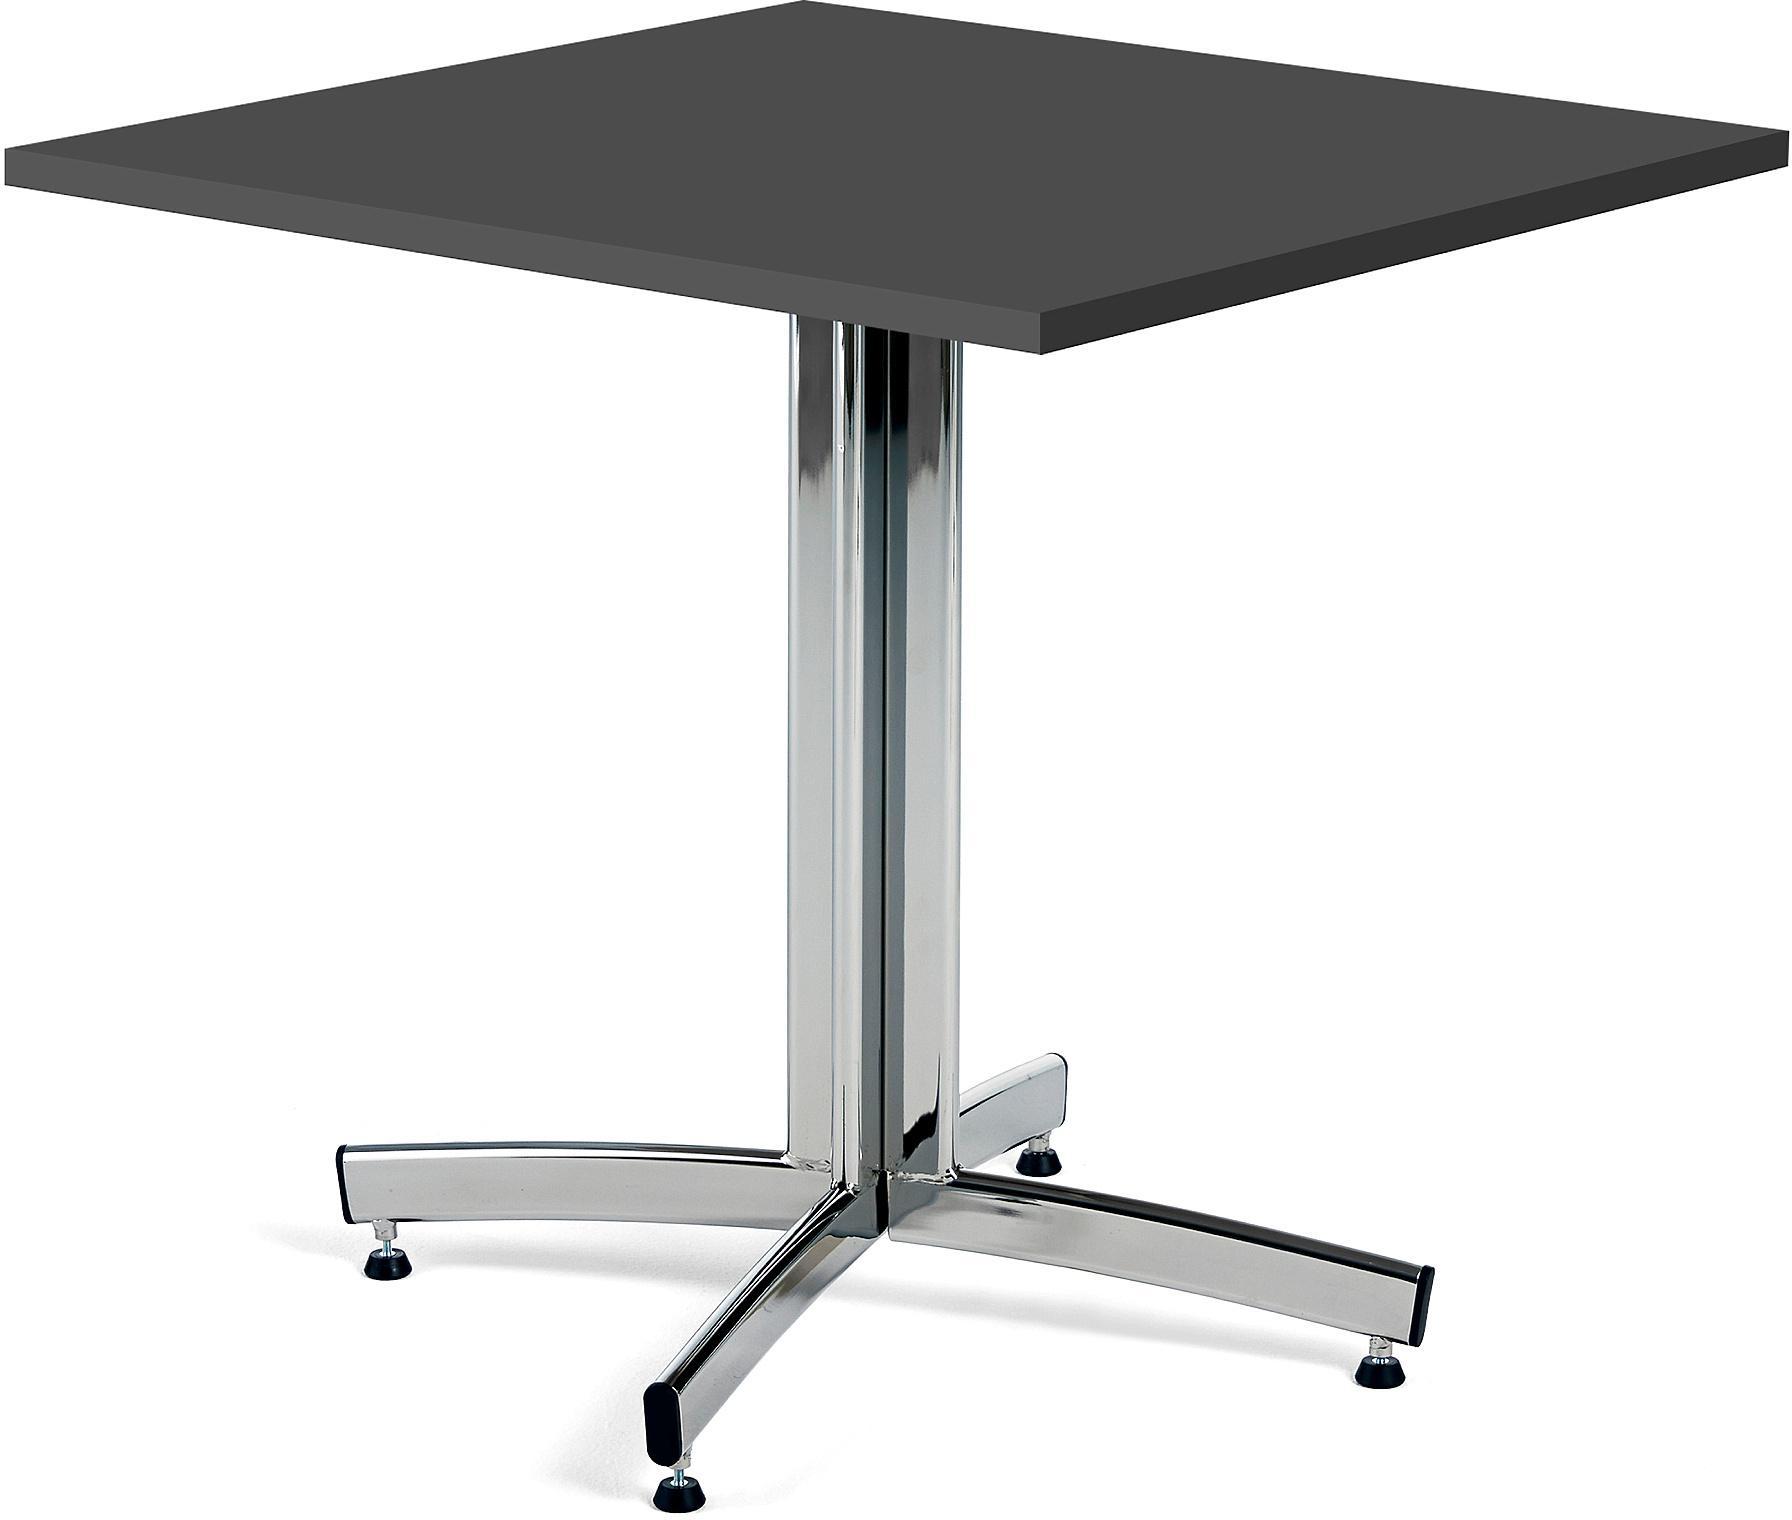 Kaviarenský stôl Sally, 700x700x720, čierna, chróm